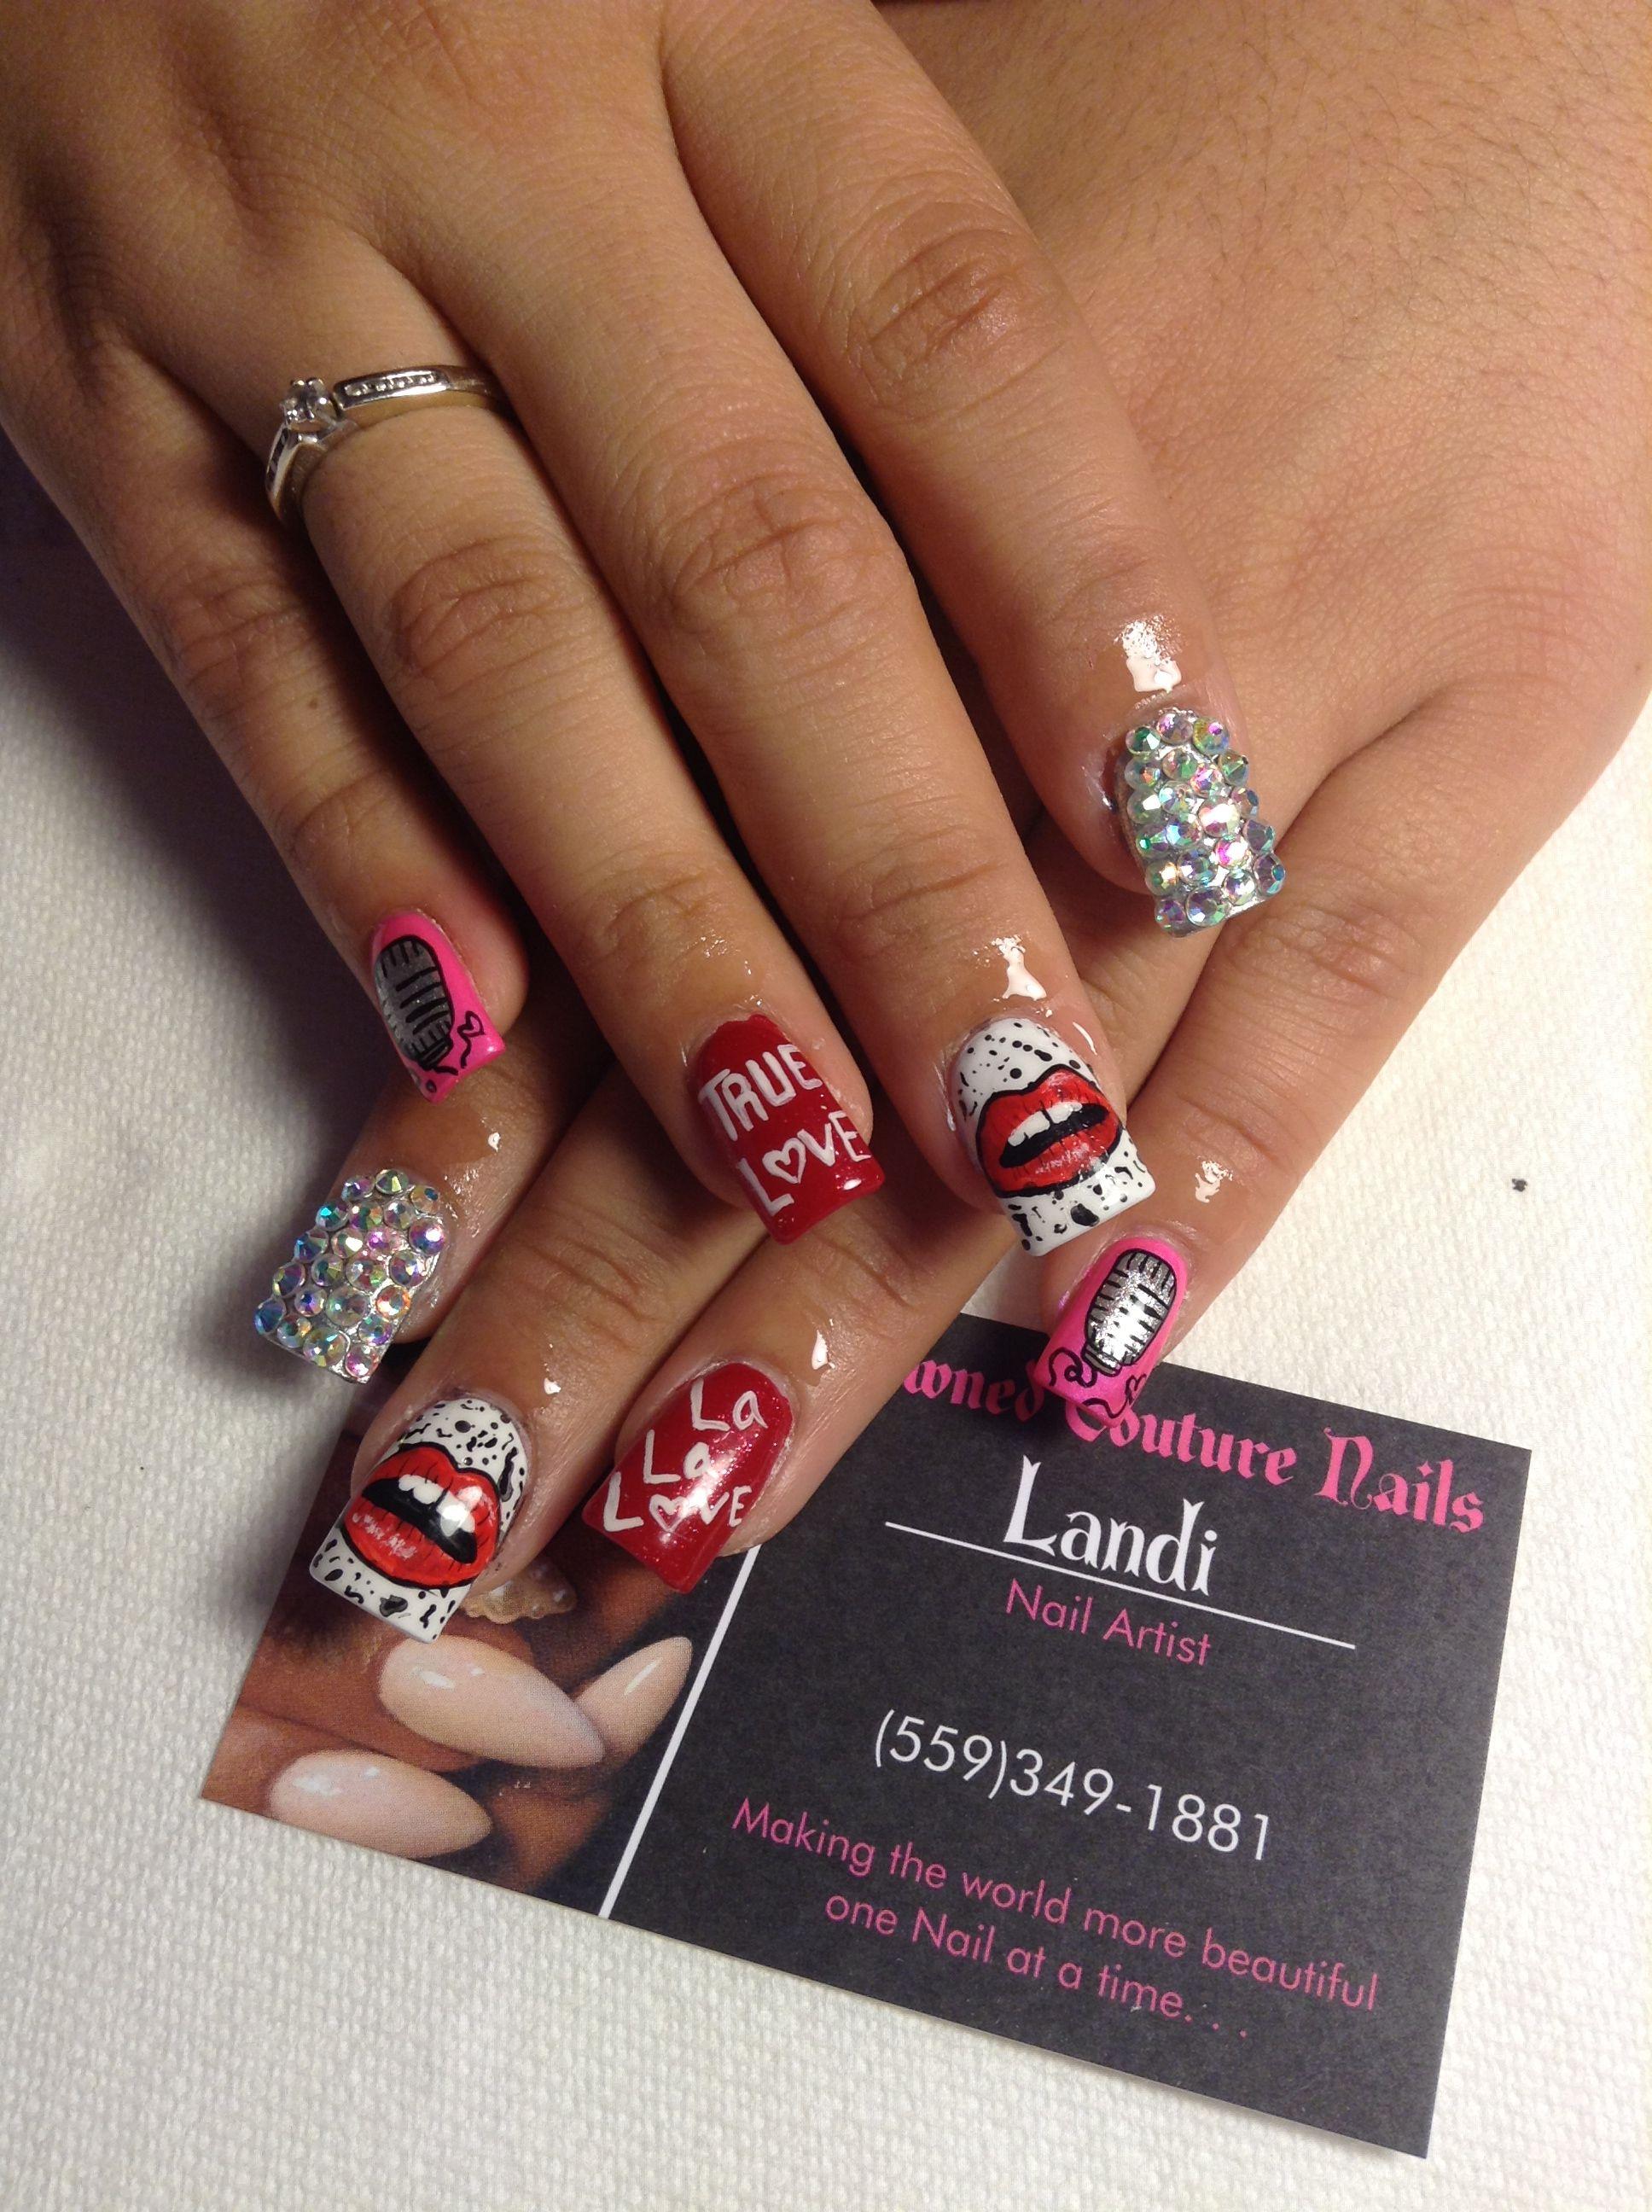 P!NK nails | shared nail art | Pinterest | Work nails and Nail nail